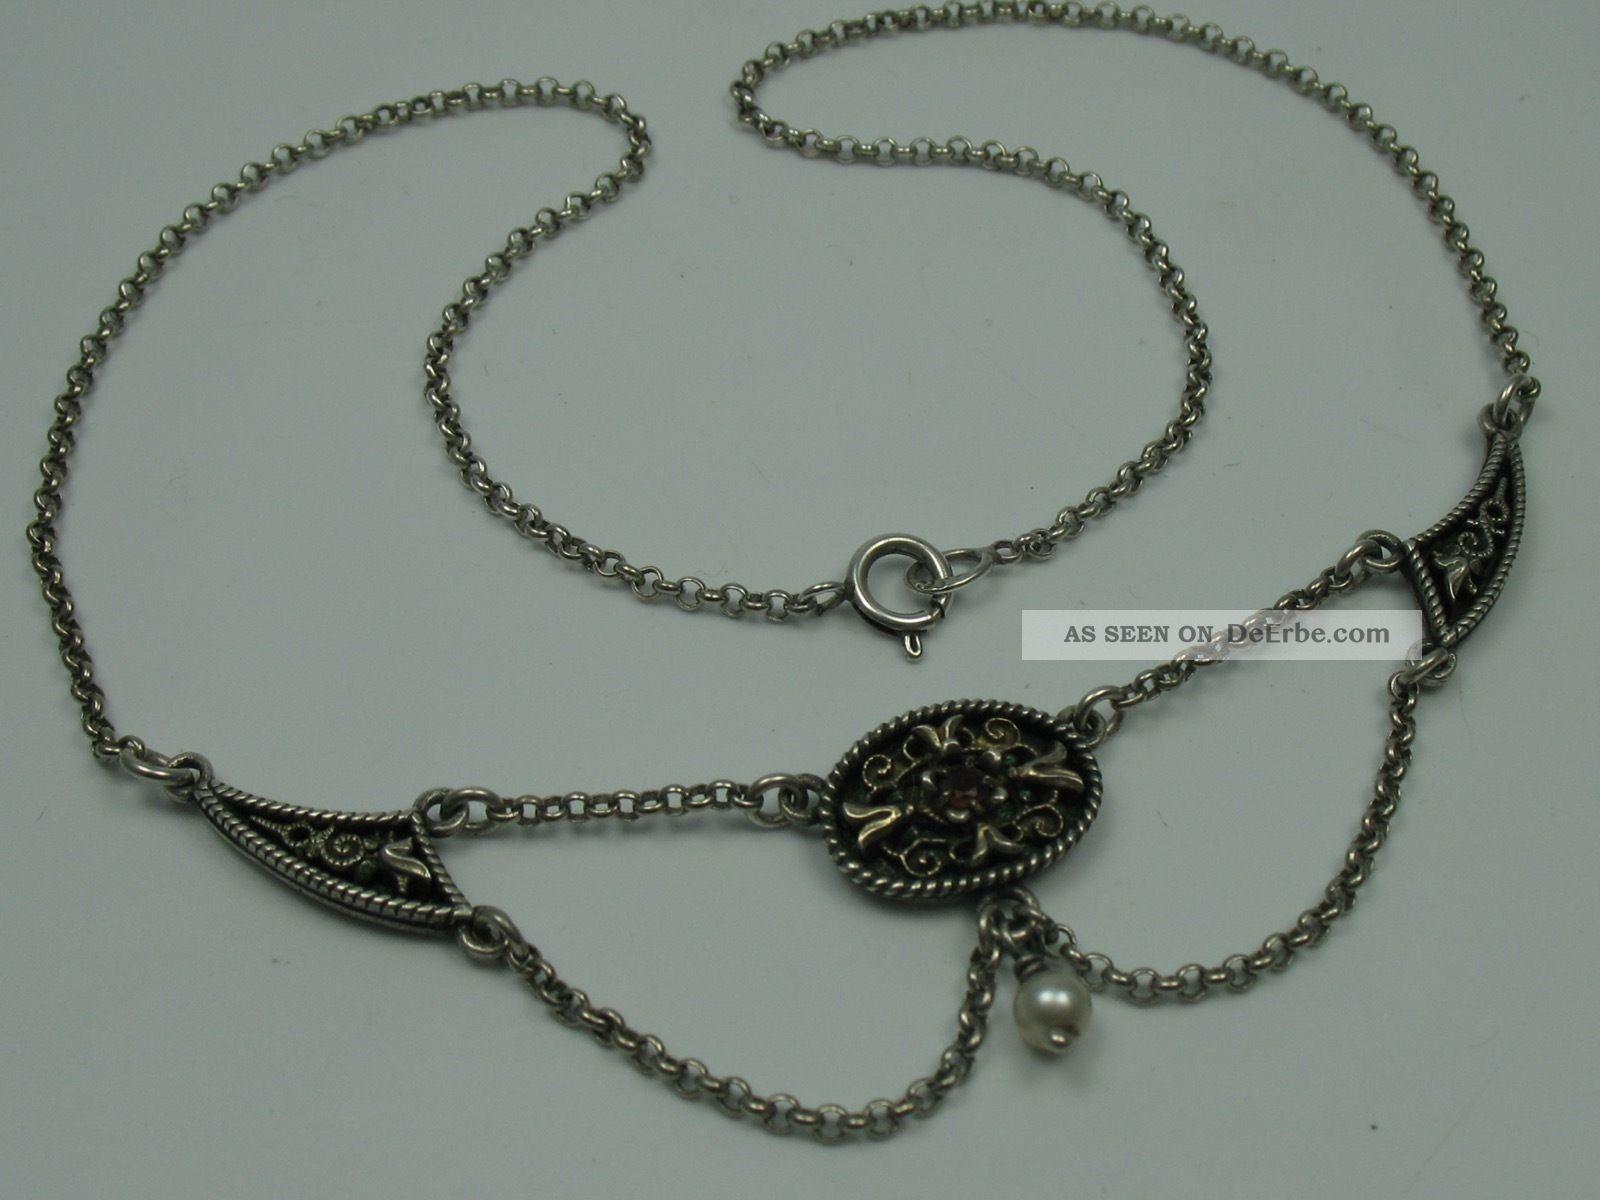 Sehr Schöne ältere Collier Kette Aus 835 Silber Mit Granat Und Perle Ketten Bild